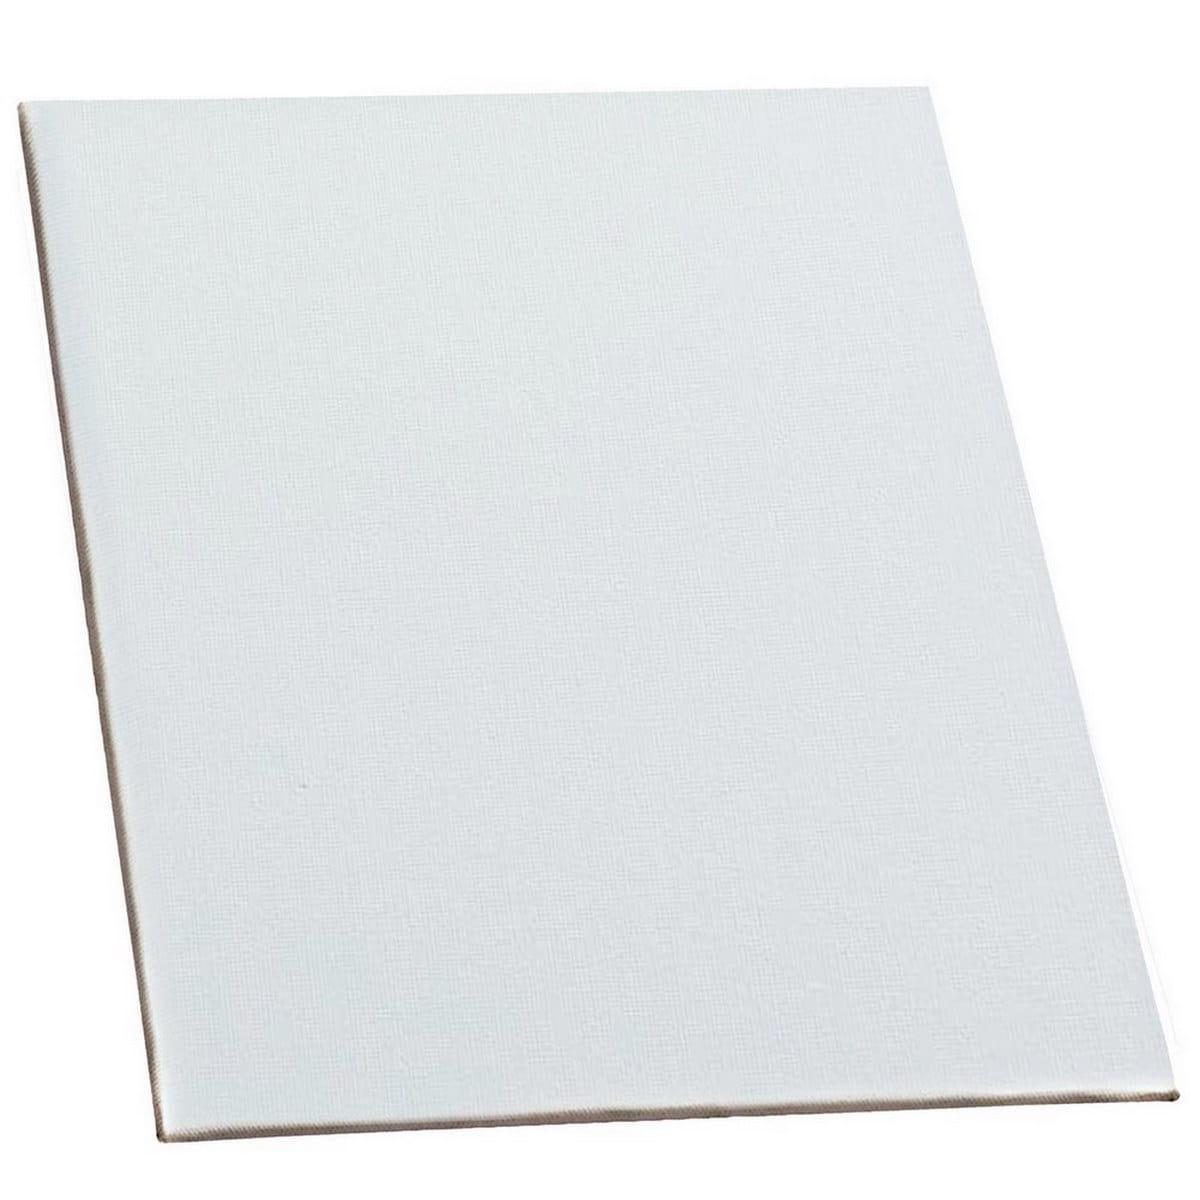 MDF White Canvas Board Size: 15.2 X 15.2 cm (6x6 Inches)